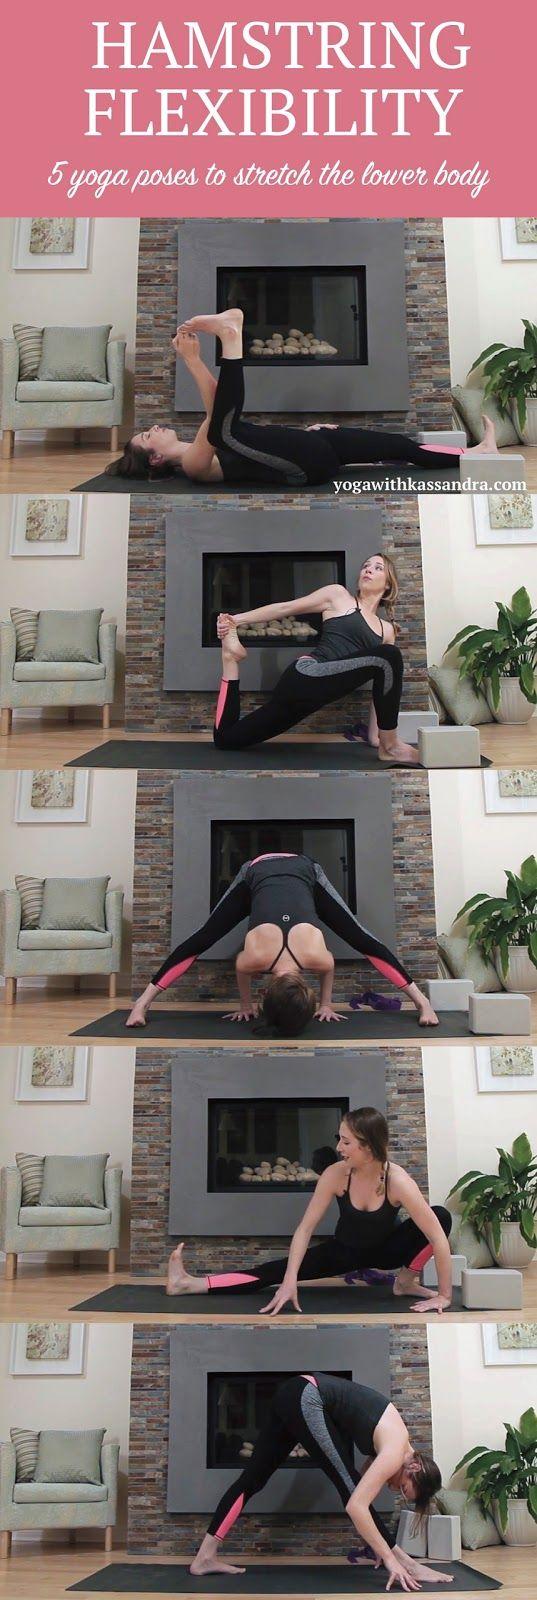 Hamstring Flexibility. ejercicios alineamiento restaurativo, estiramiento de isquiotibiales y de psoas